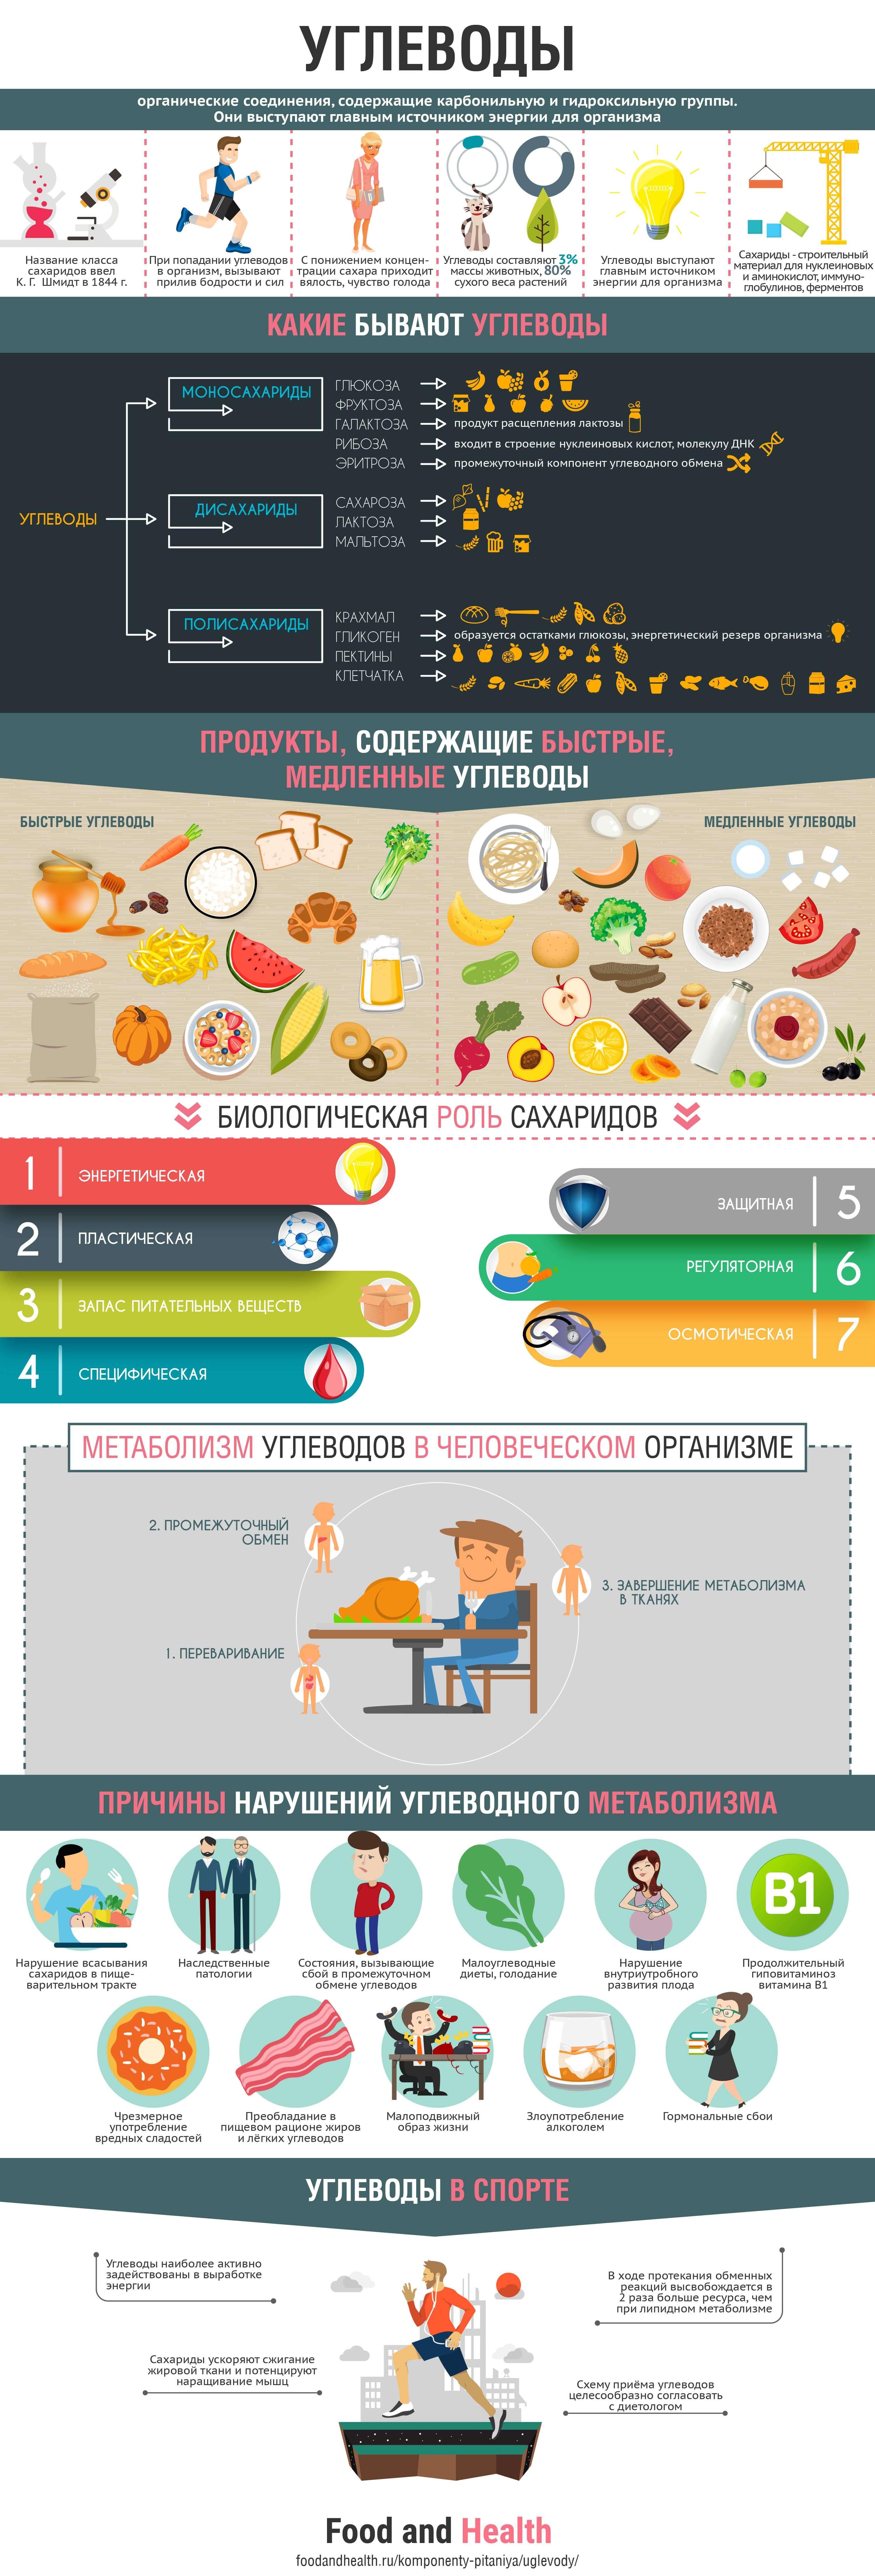 Углеводы: инфографика